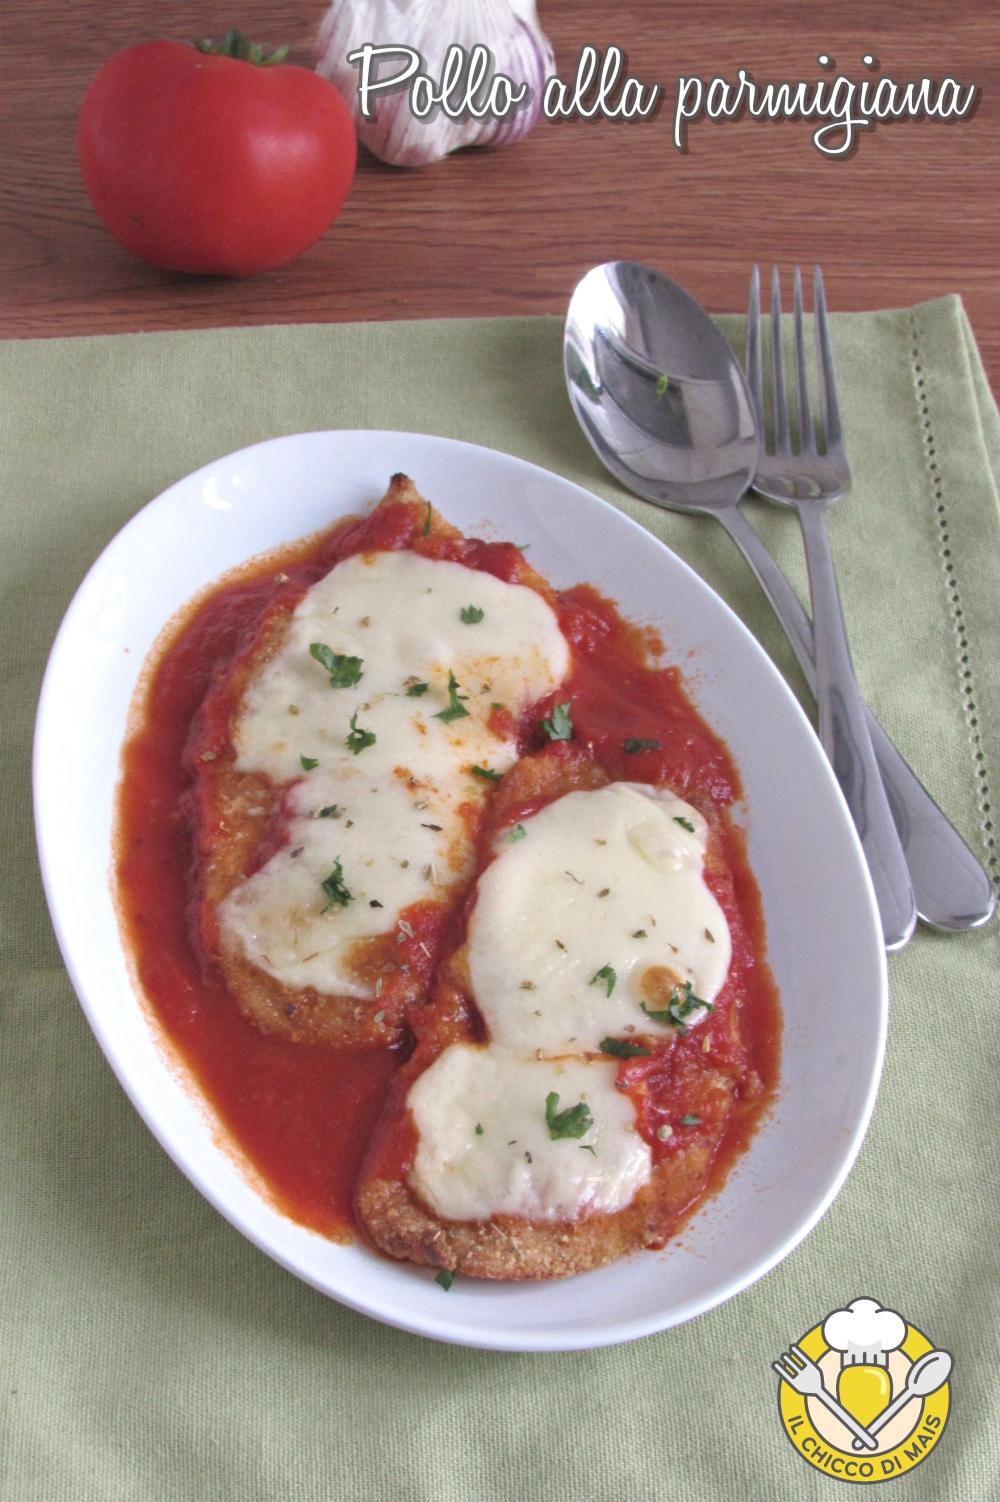 v_ chicken parmesan pollo alla parmigiana impanato con pomodoro e mozzarella ricetta golosa il chicco di mais